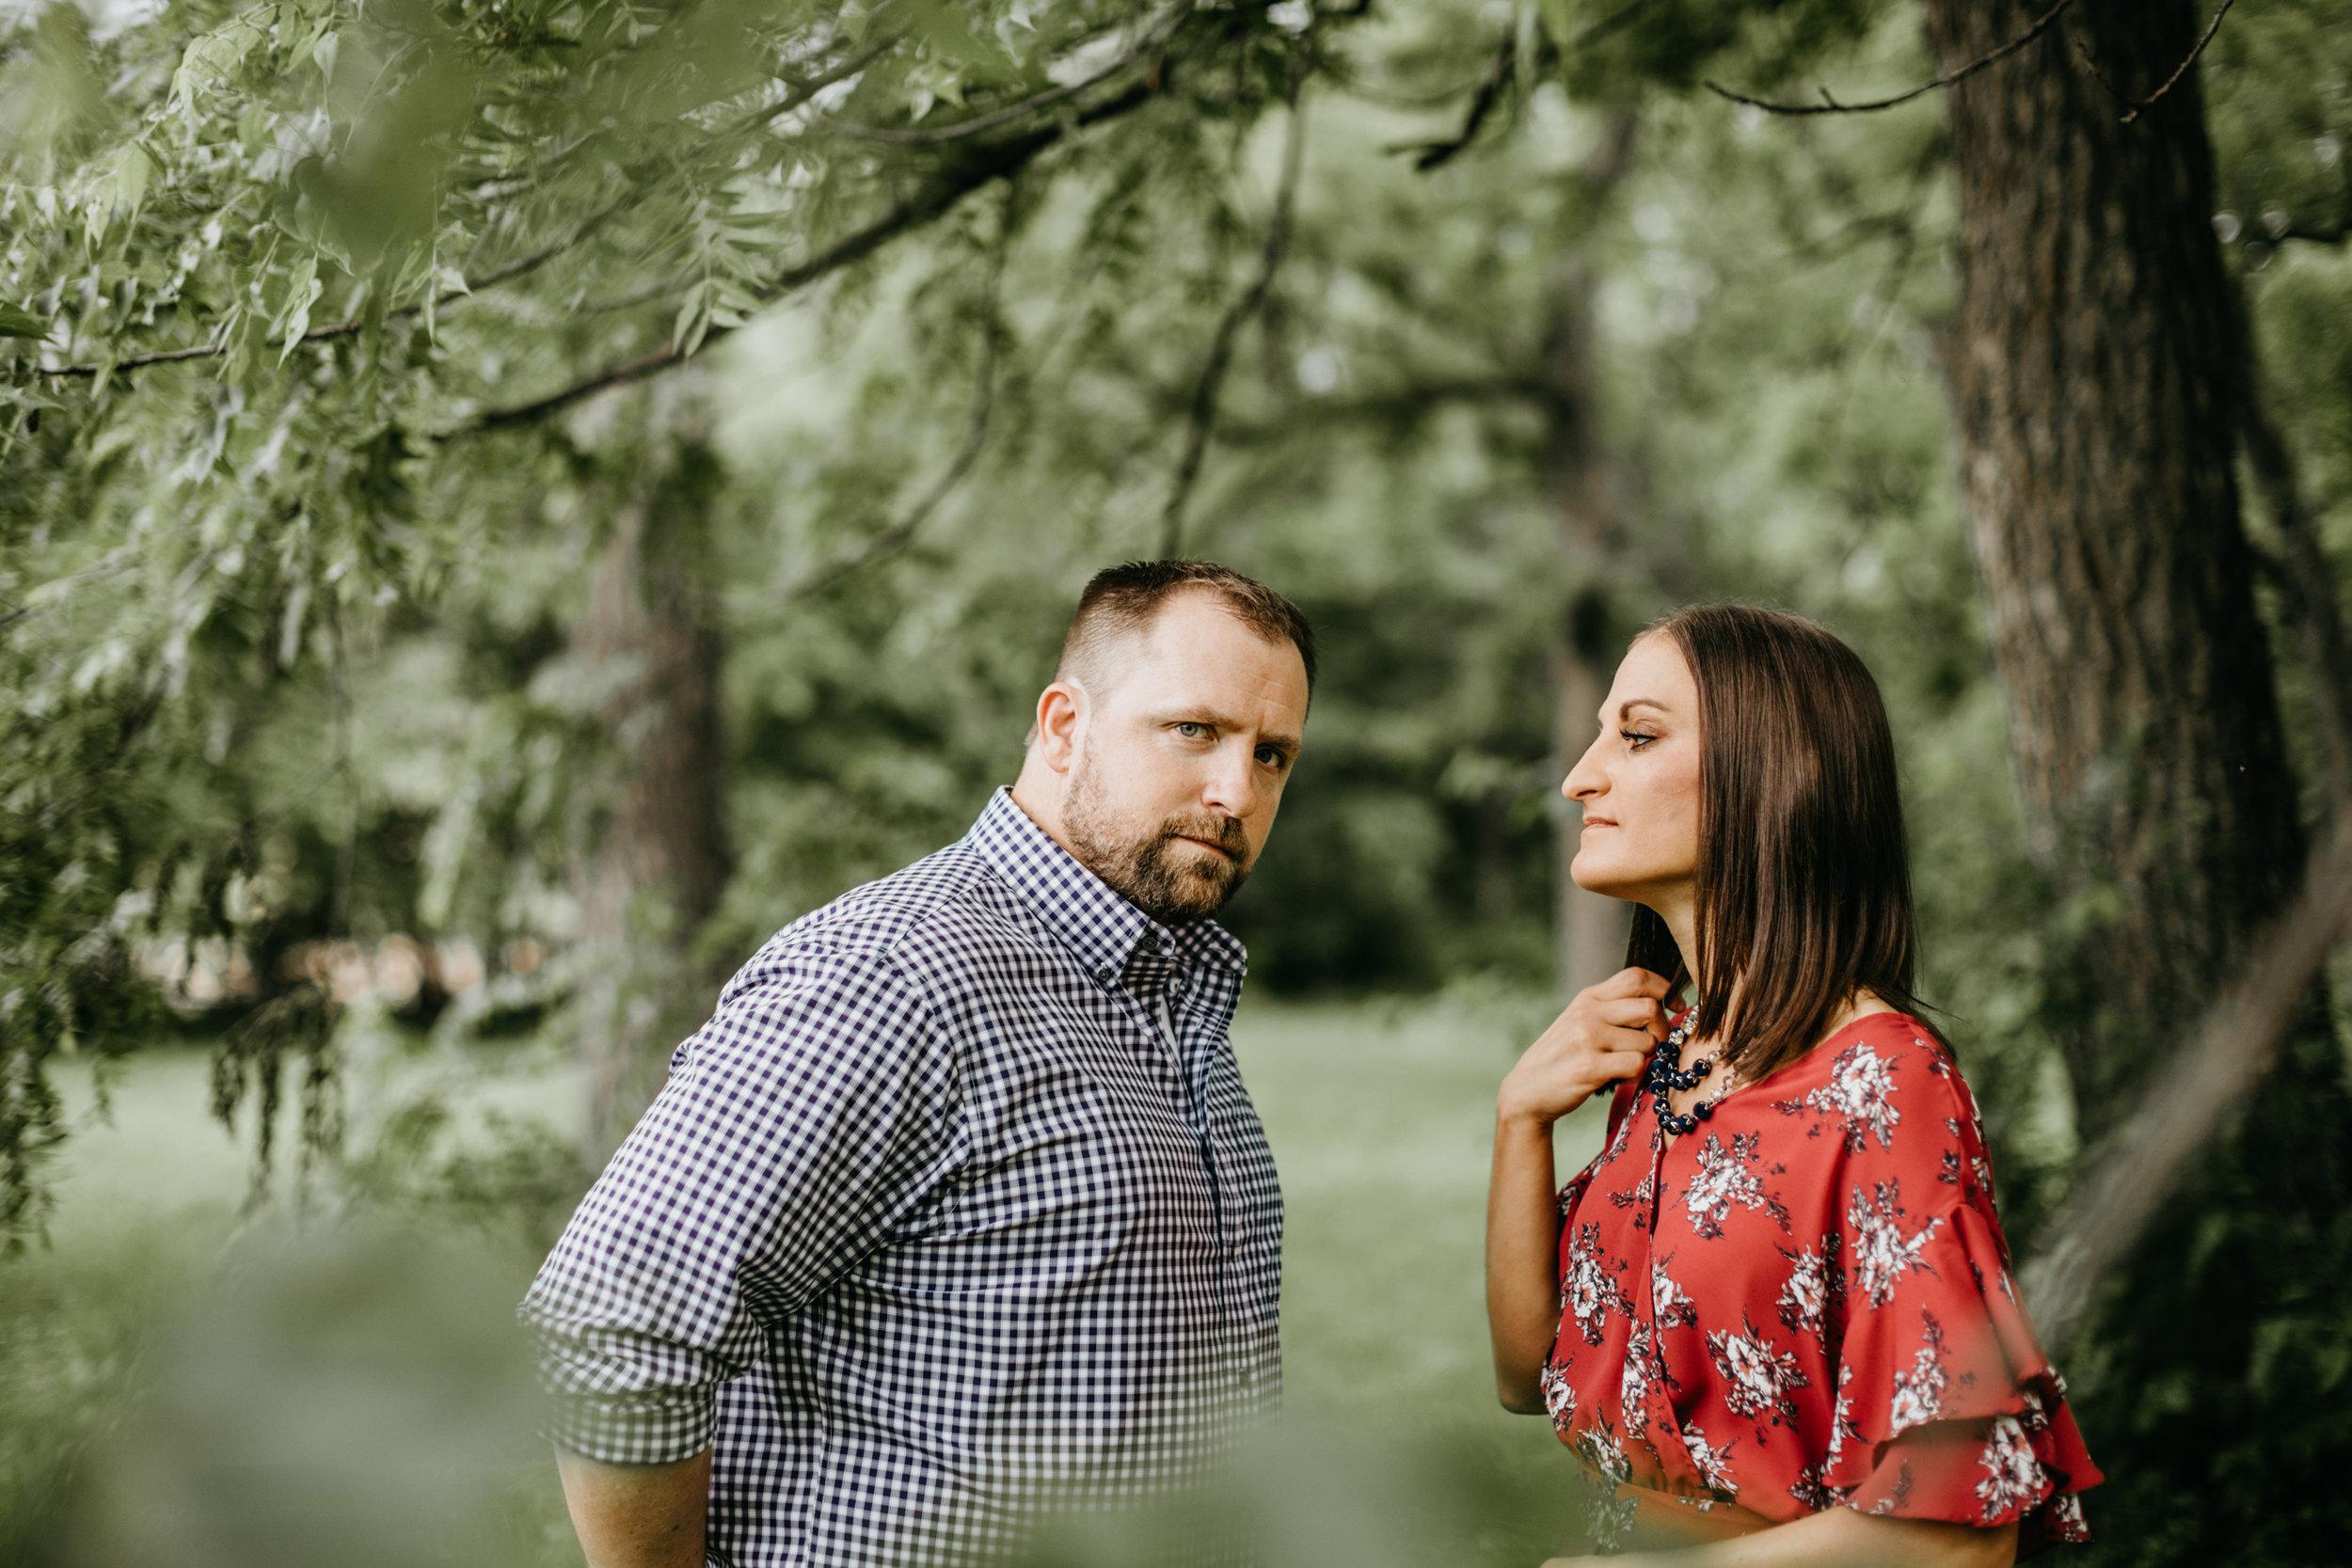 KaylaAndMichael-Engaged-67.jpg